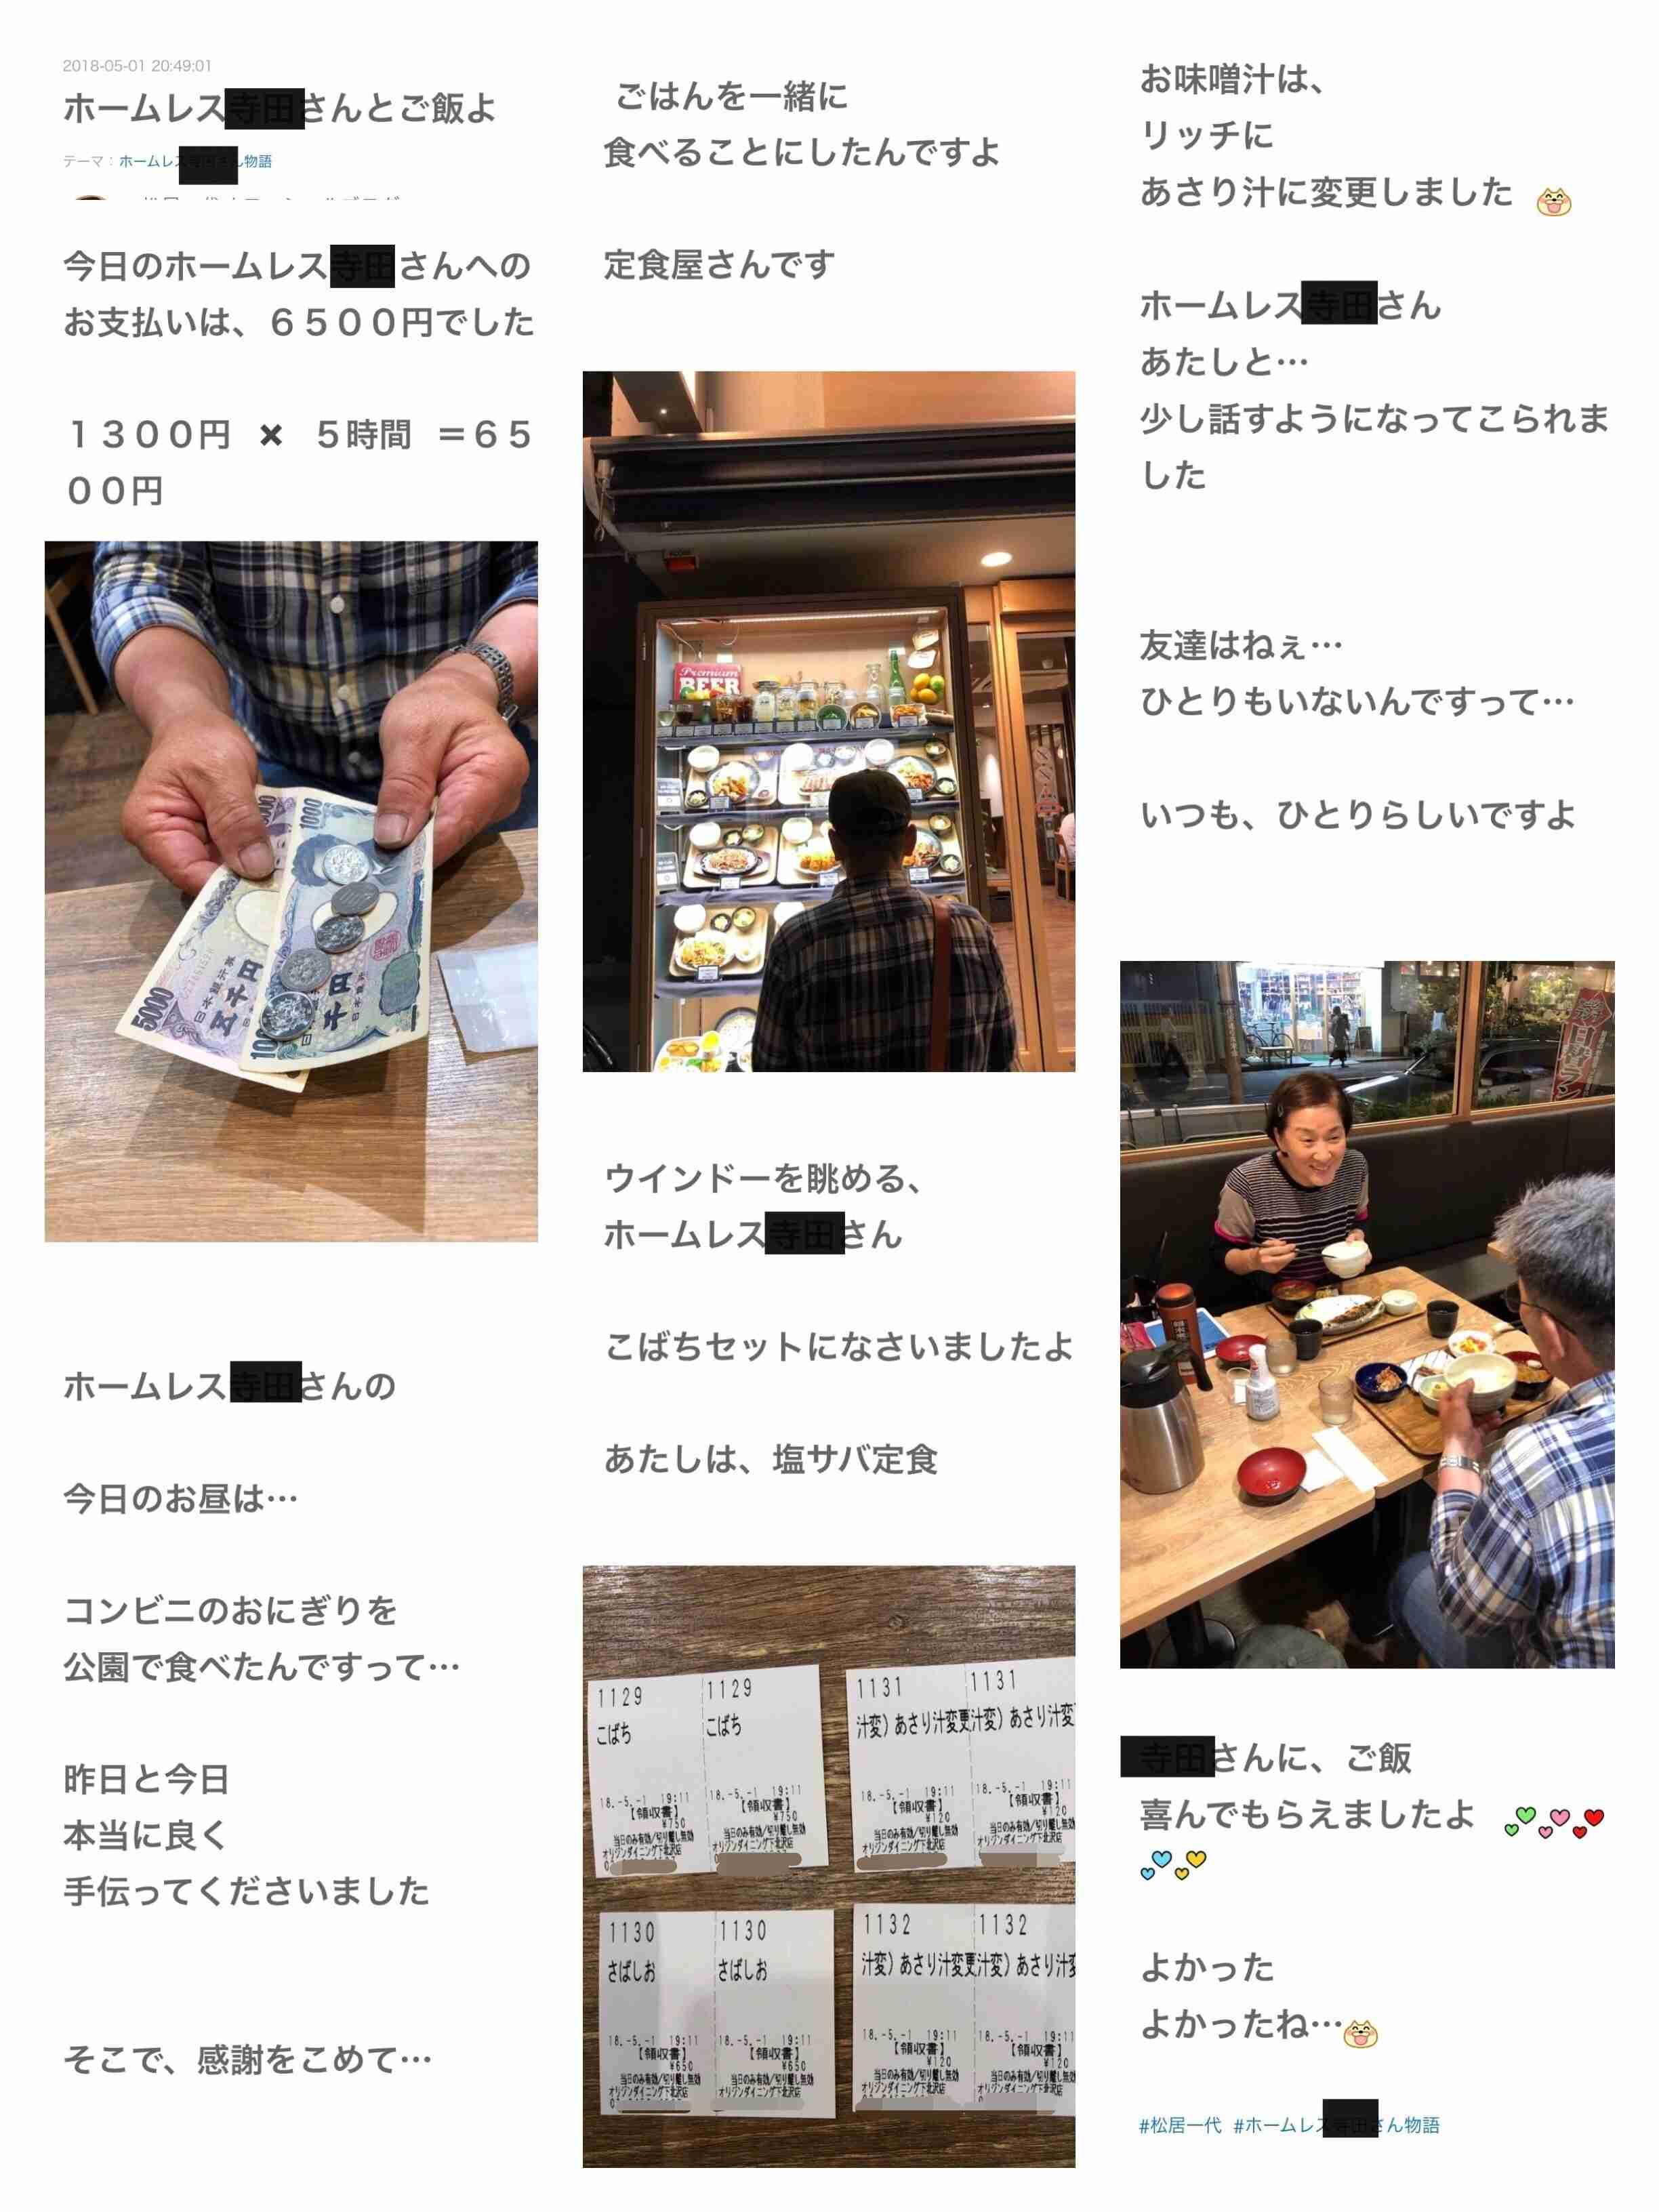 松居一代、金箔表札に保険かける 4カ月かけて新調「表札は家の顔」